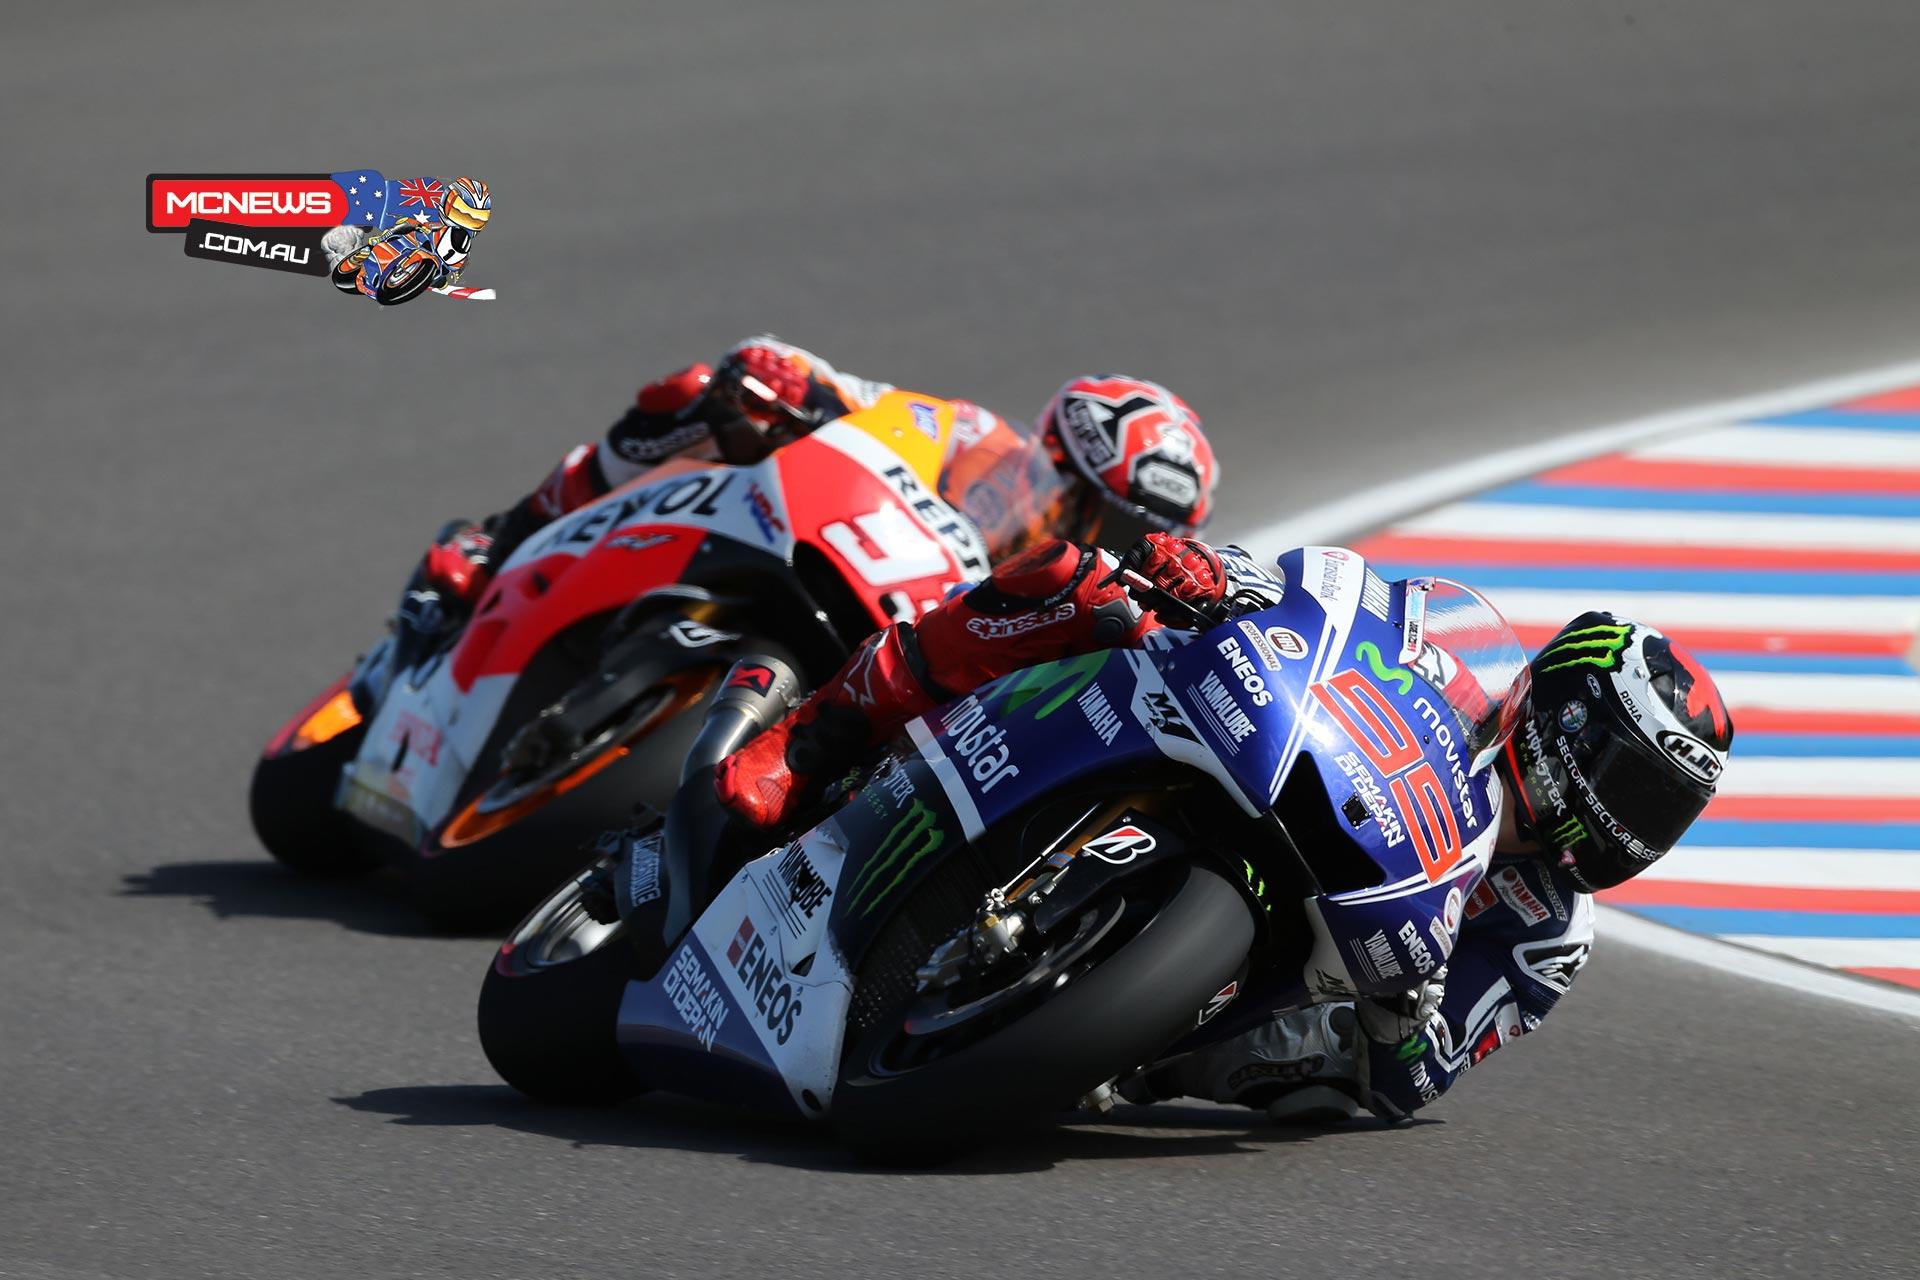 Argentina MotoGP 2014 - Jorge Lorenzo and Marc Marquez